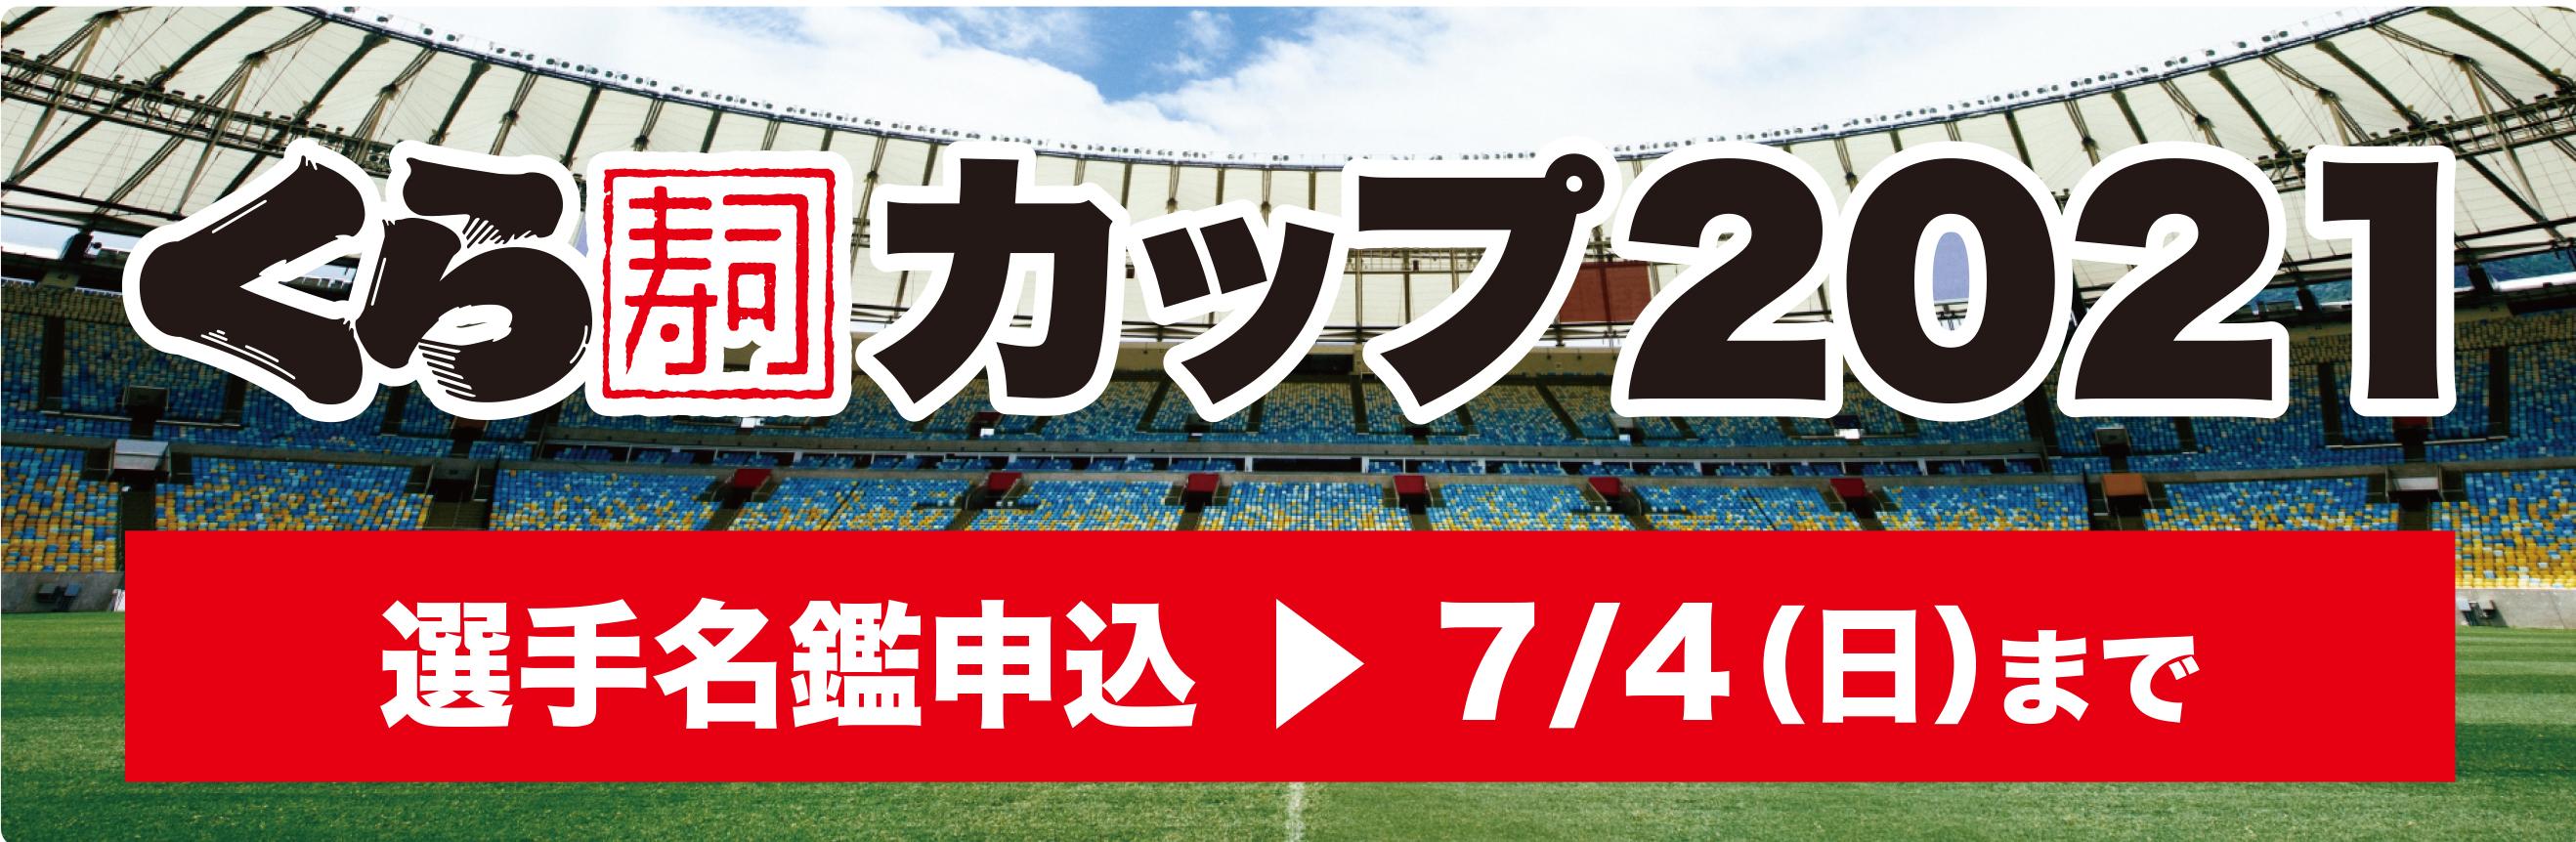 【7/4まで延長!】2021年度くら寿司カップ選手名鑑申込